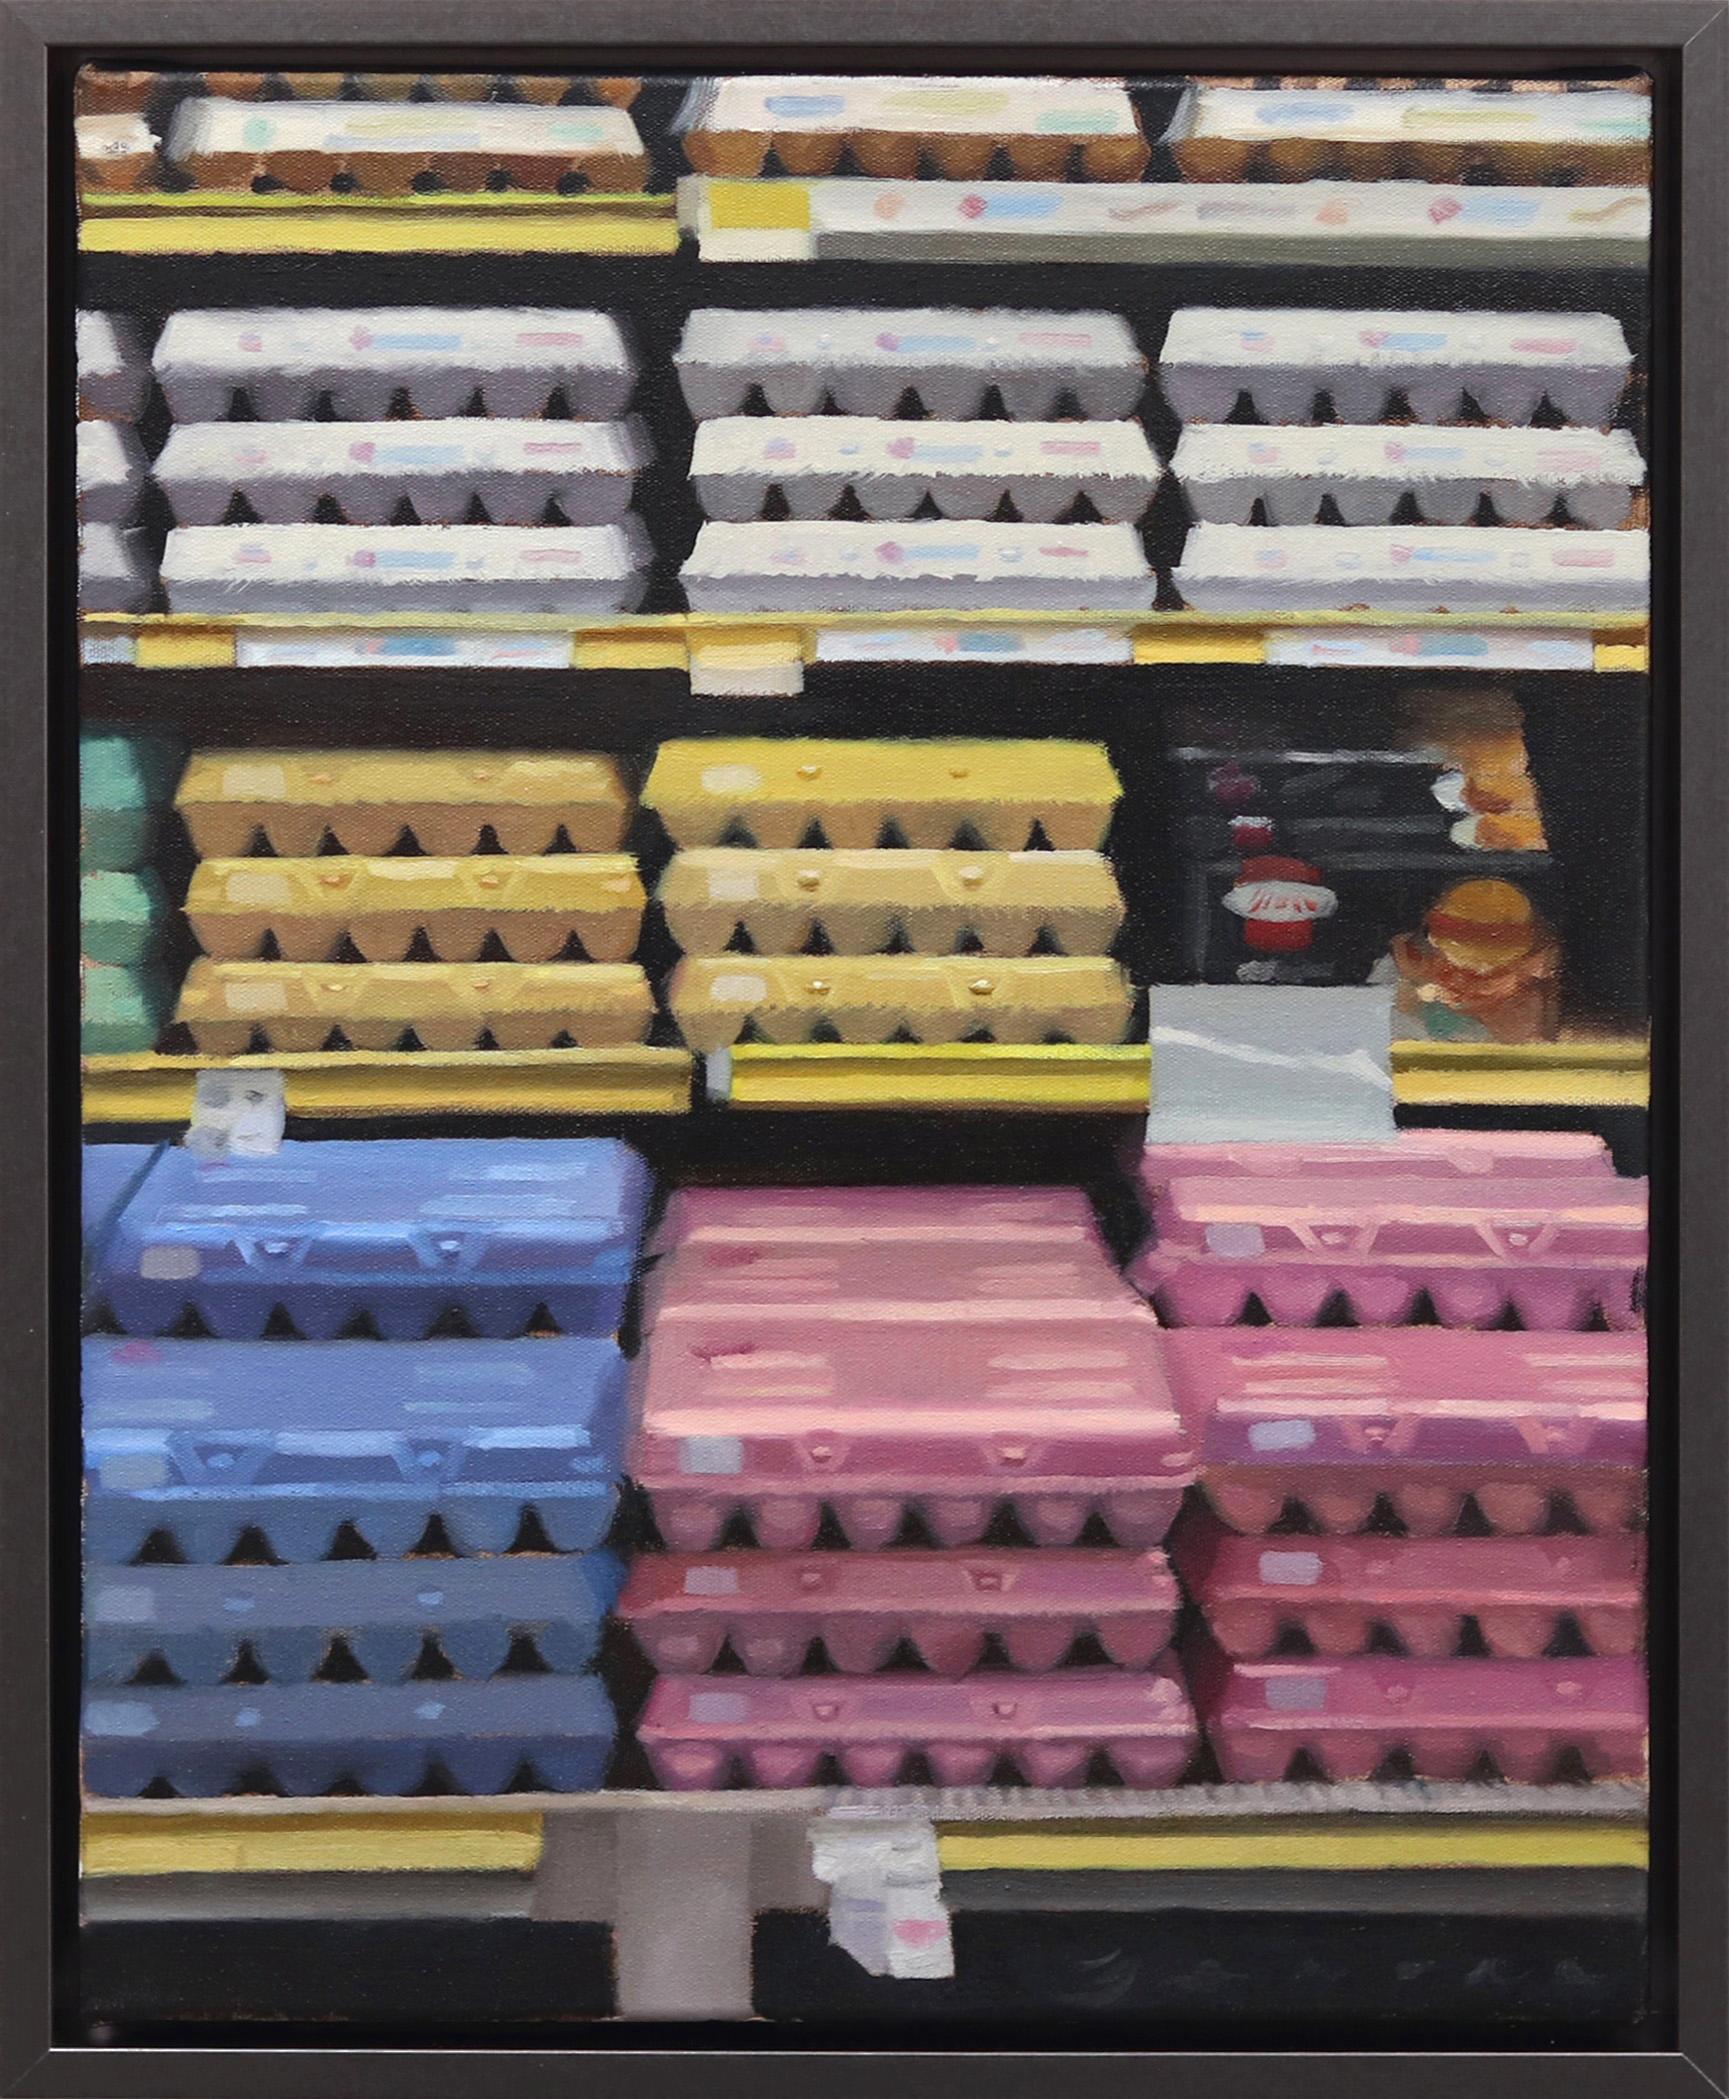 Egg Aisle No. 11